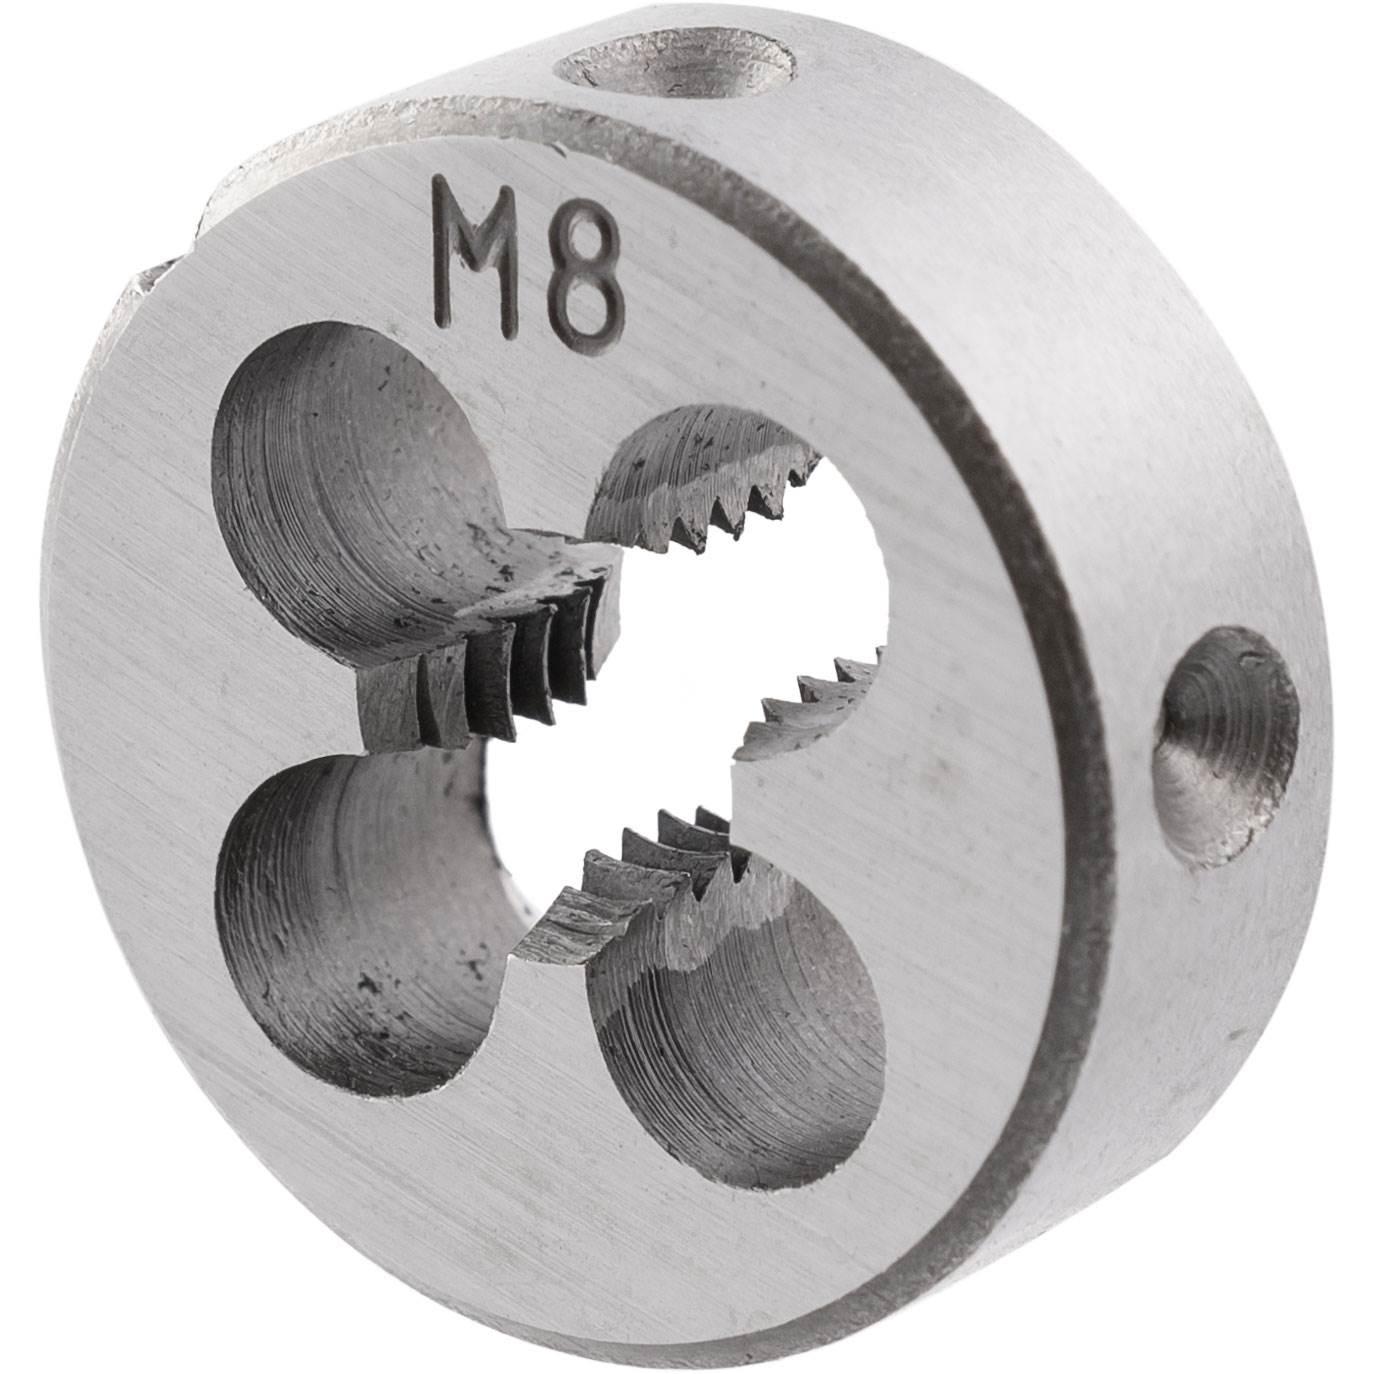 NARZYNKA M03 C9053 DIN223